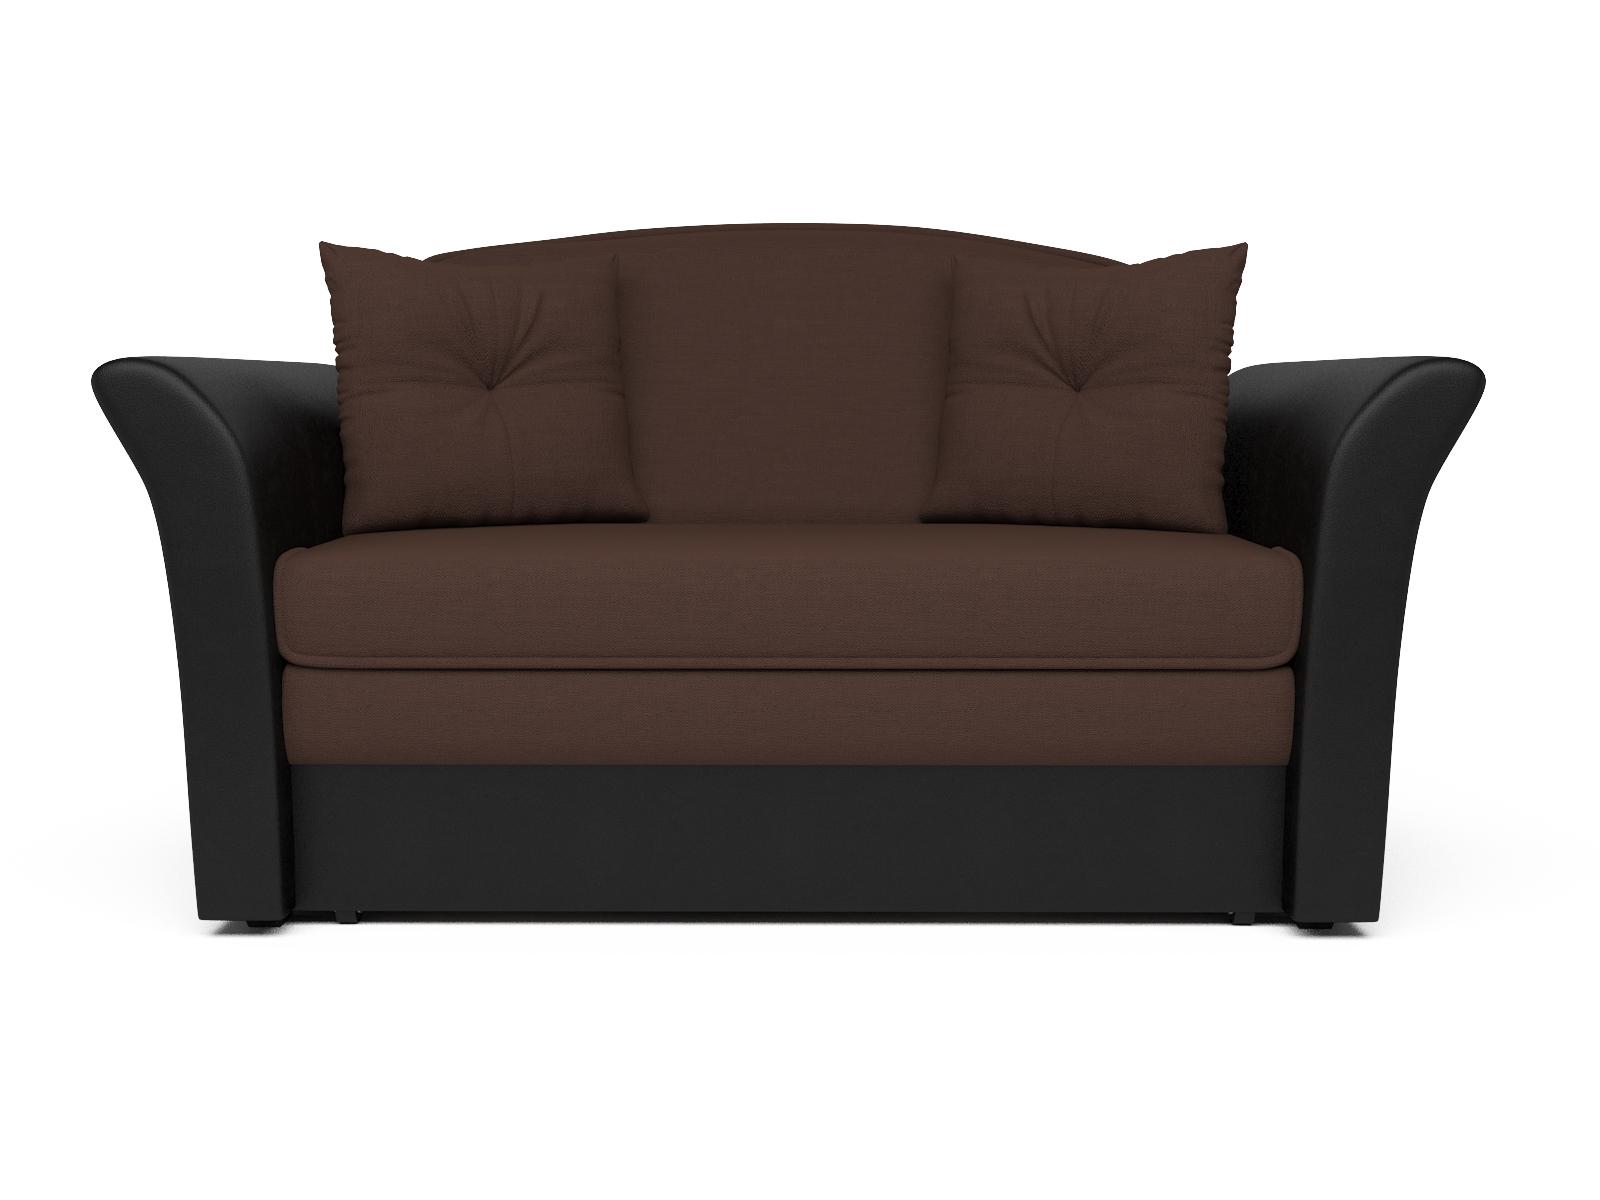 Фото - Диван Малютка 2 MebelVia Коричневый, Рогожка, Брус сосны диван малютка 2 mebelvia коричневый рогожка брус сосны